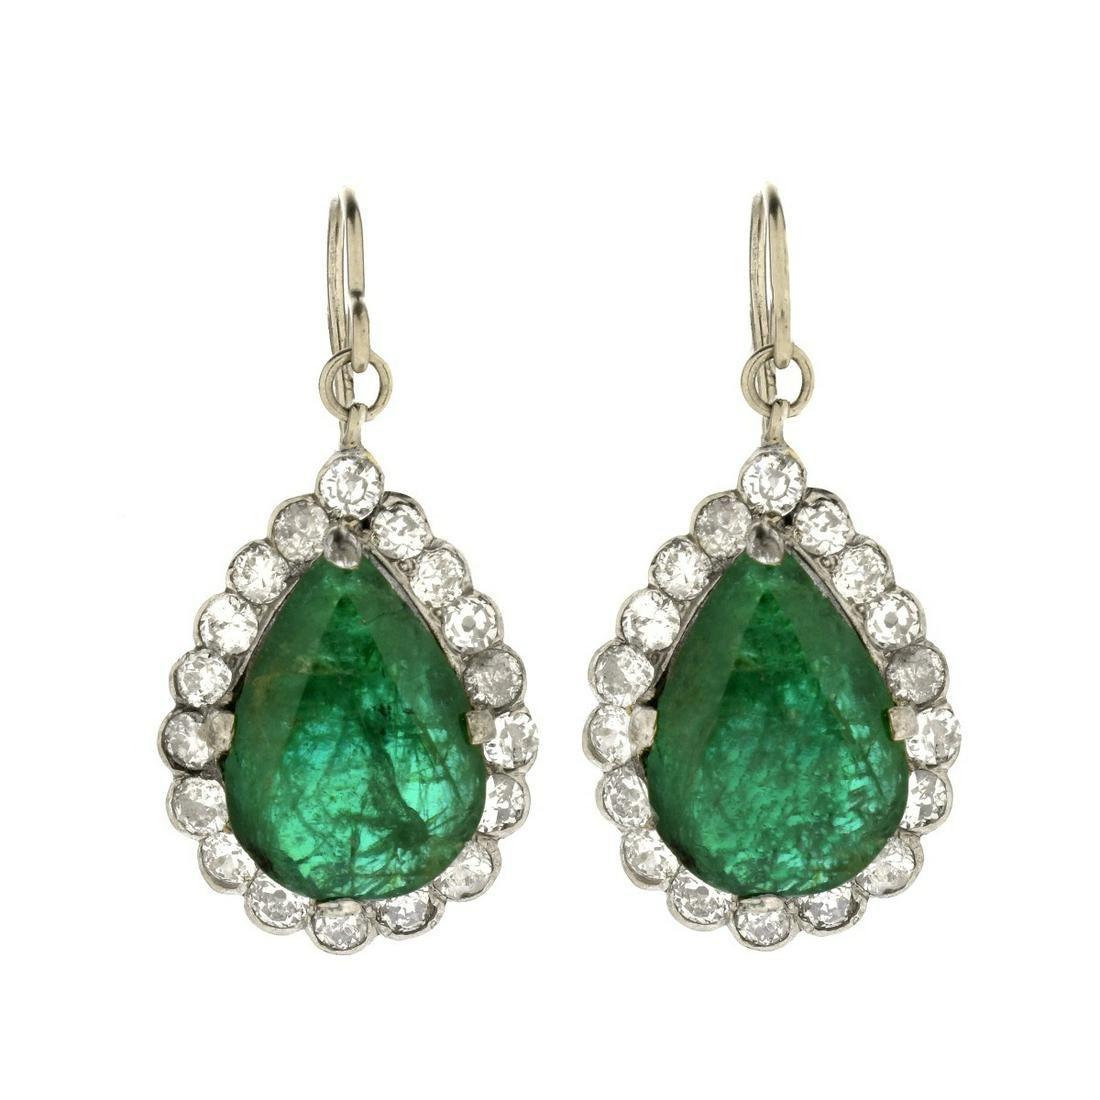 GIA Emerald and Diamond Earrings